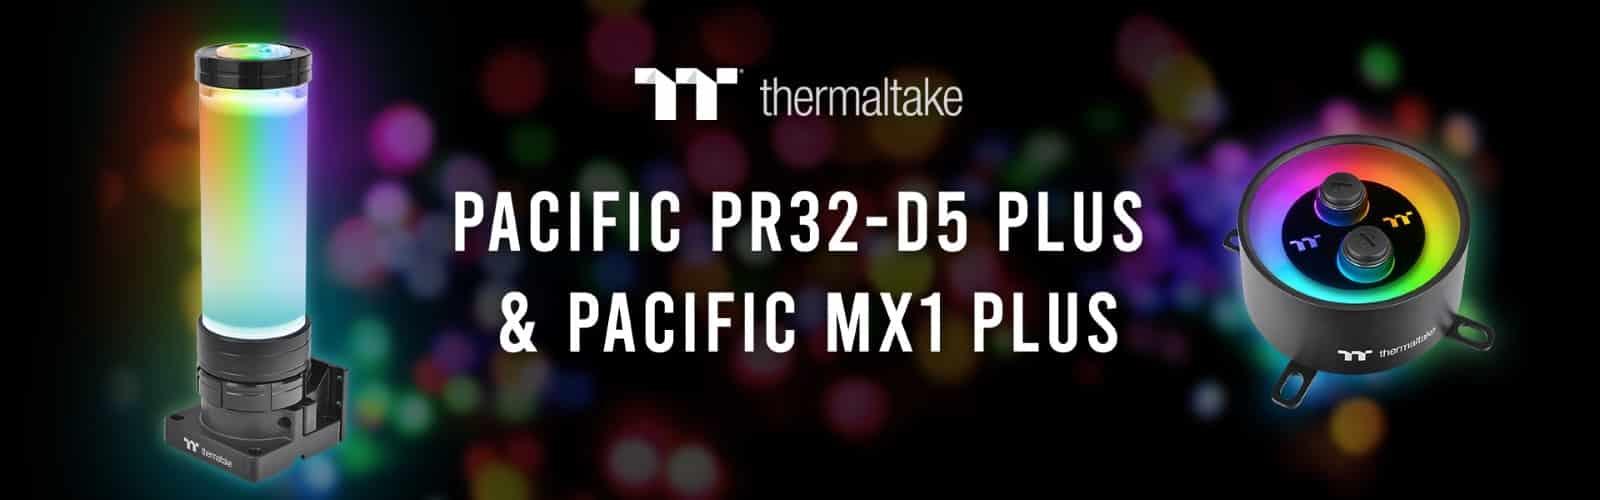 Thermaltake Pacific PR32-D5 Plus tartály és szivattyú kombináció, valamint Pacific MX1 Plus CPU vízhűtő blokk